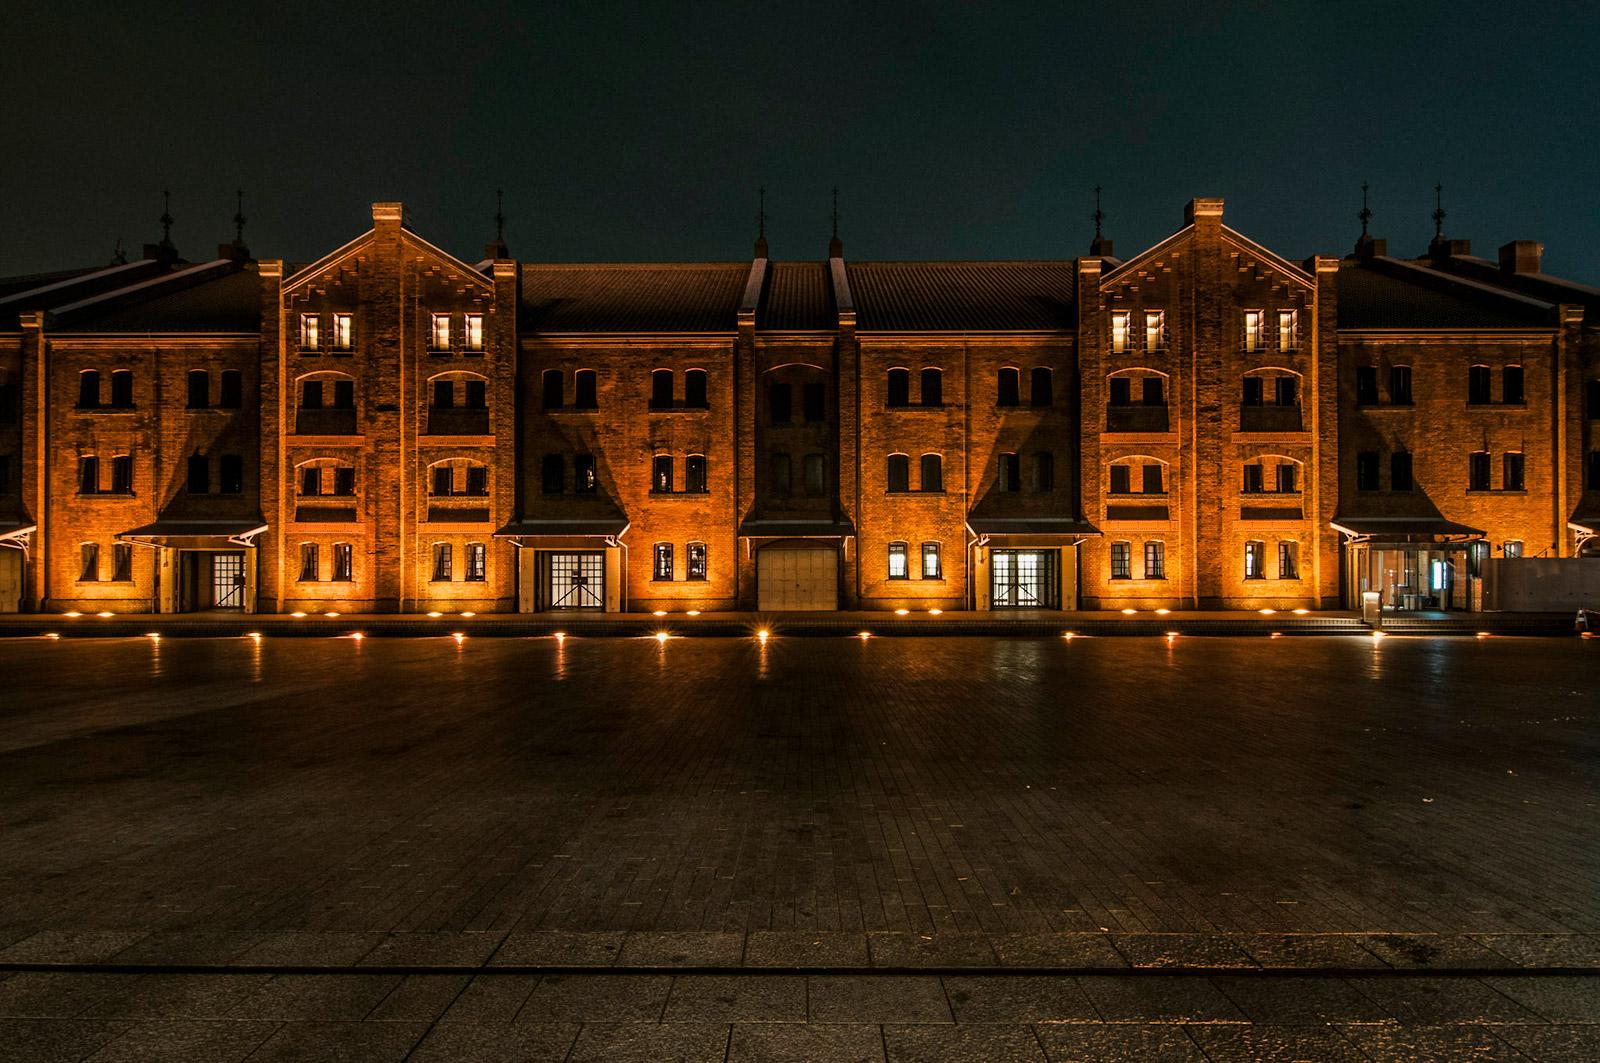 夜の横浜赤レンガ倉庫で夜景撮影を楽しむ